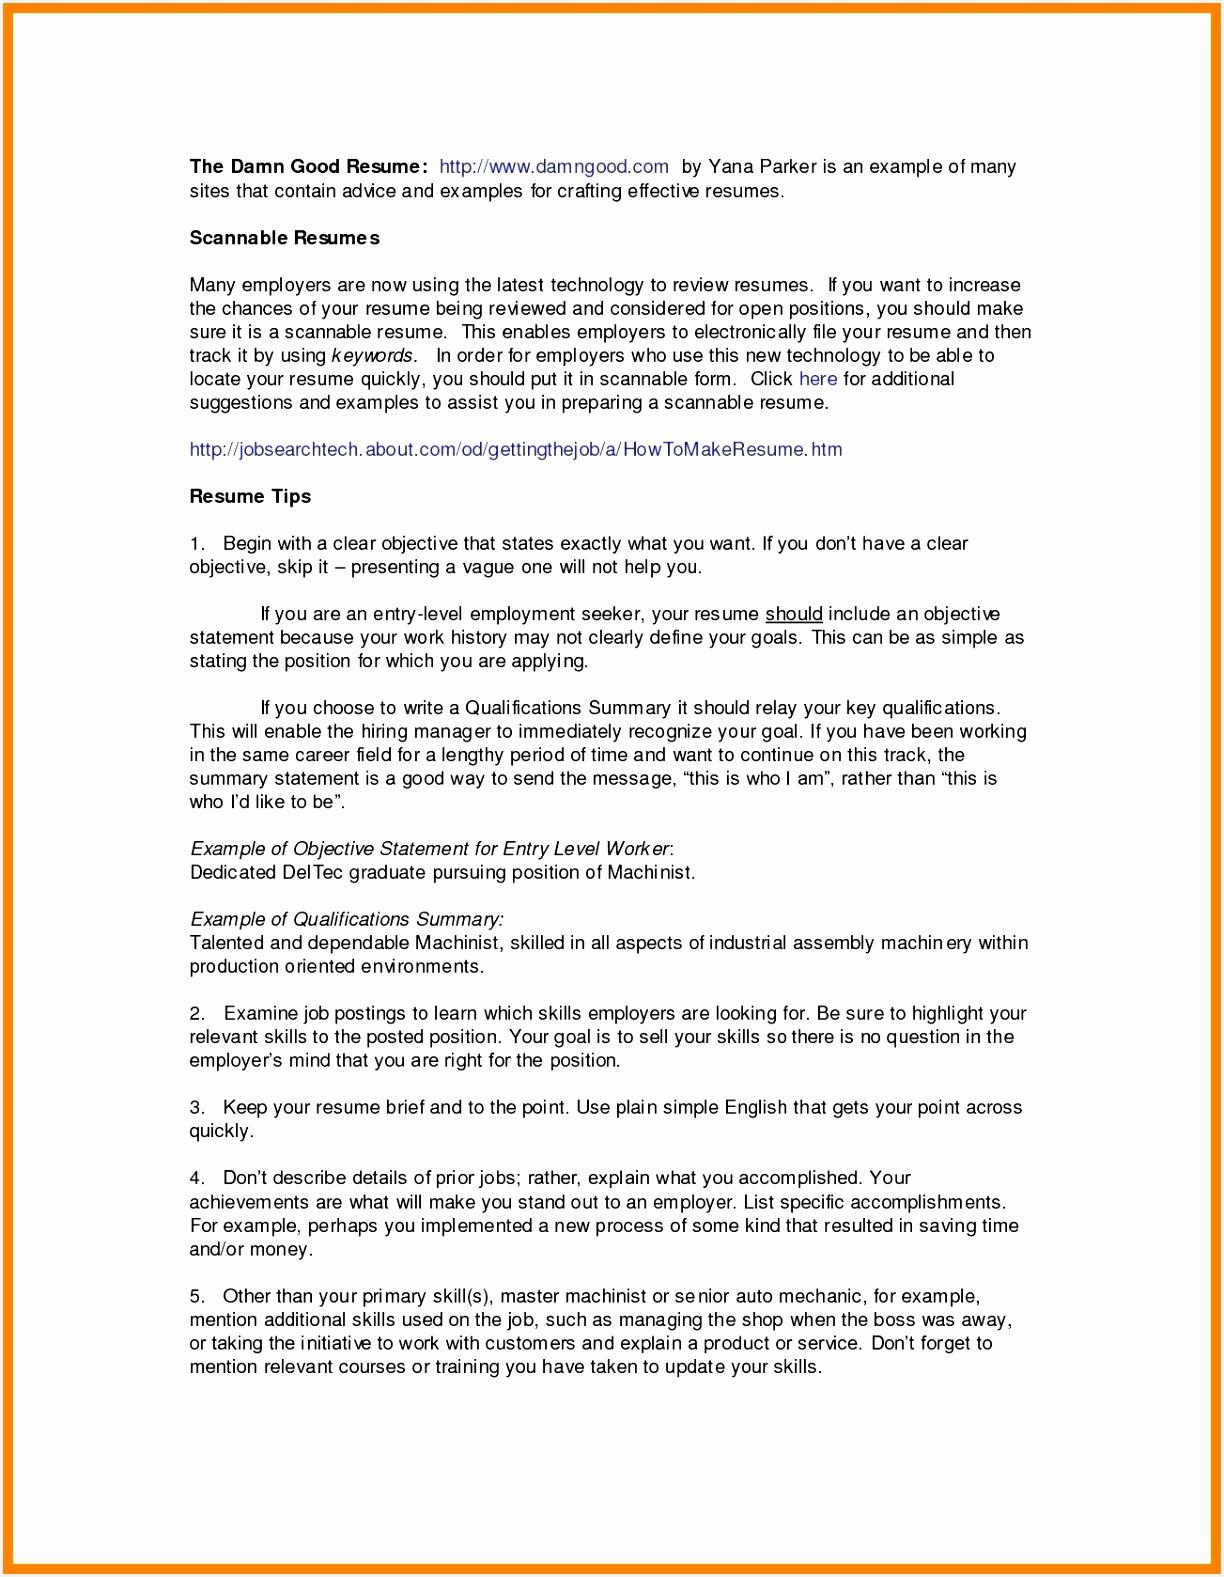 Sample Nanny Resume Professional Sample Resume for Nanny Position Best Resume for Nanny Best Nanny 157712248kJsk